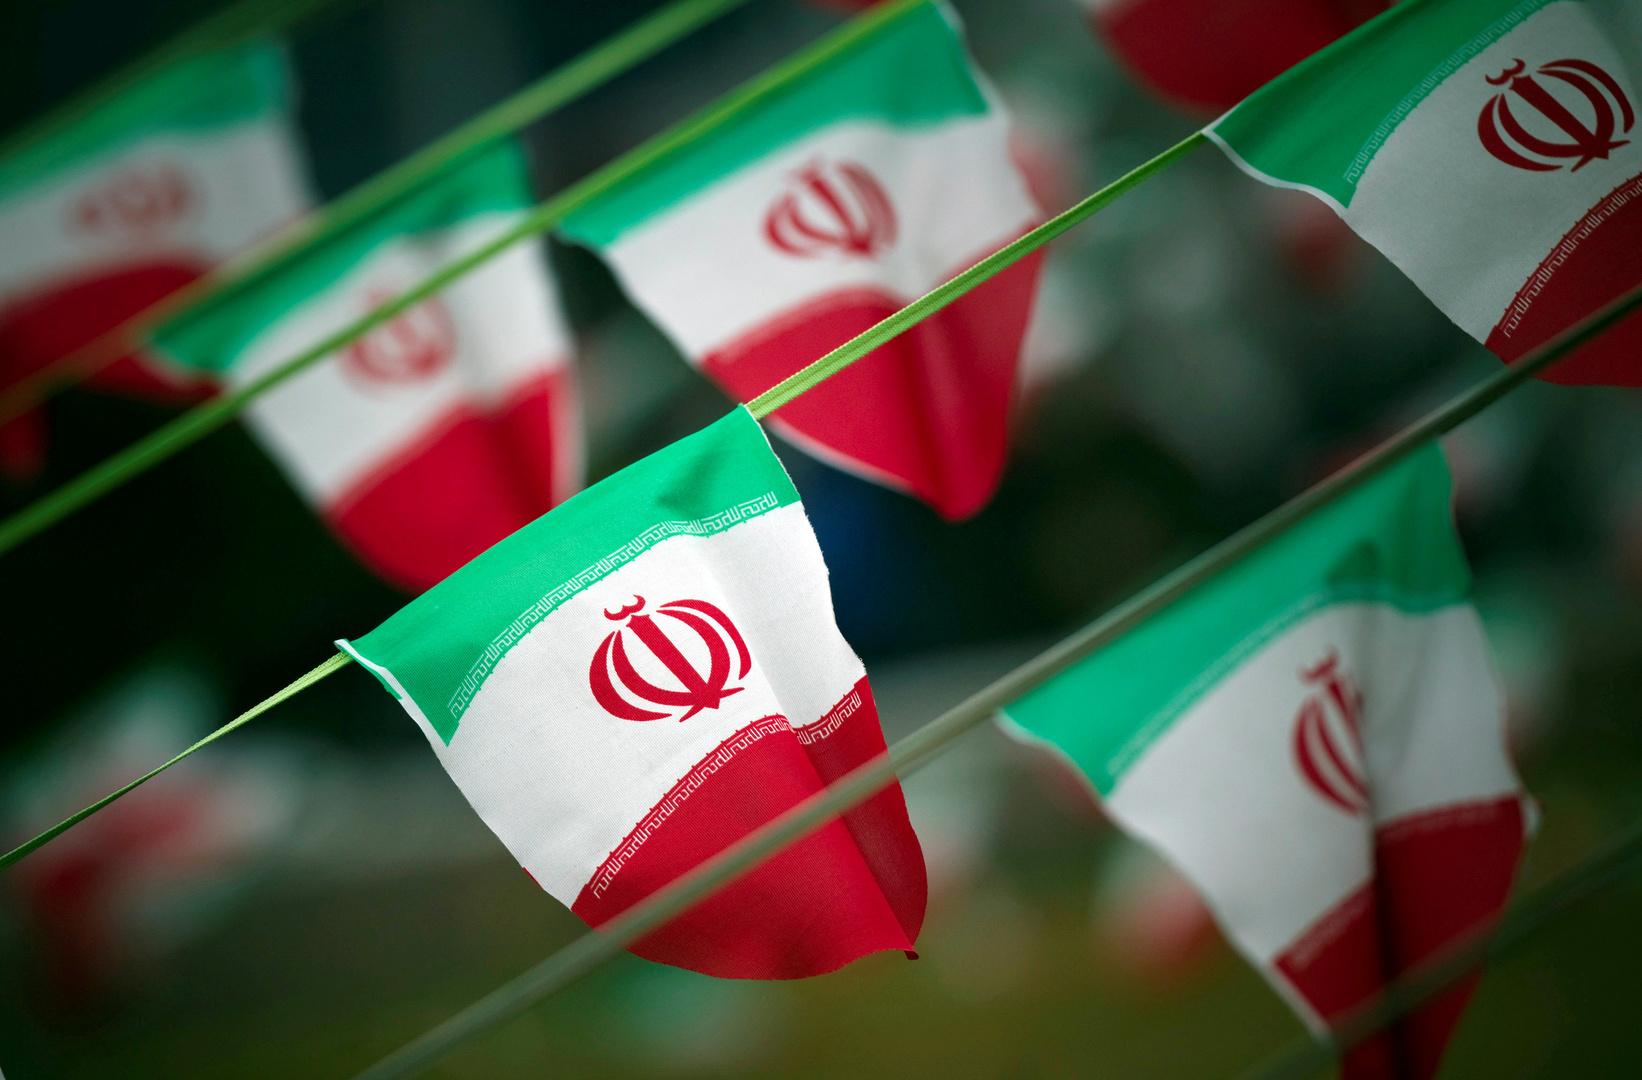 إيران: على السعودية أن تعرف حدودها ونتفاوض مع الإمارات وستندمان بسبب تدخلاتهما